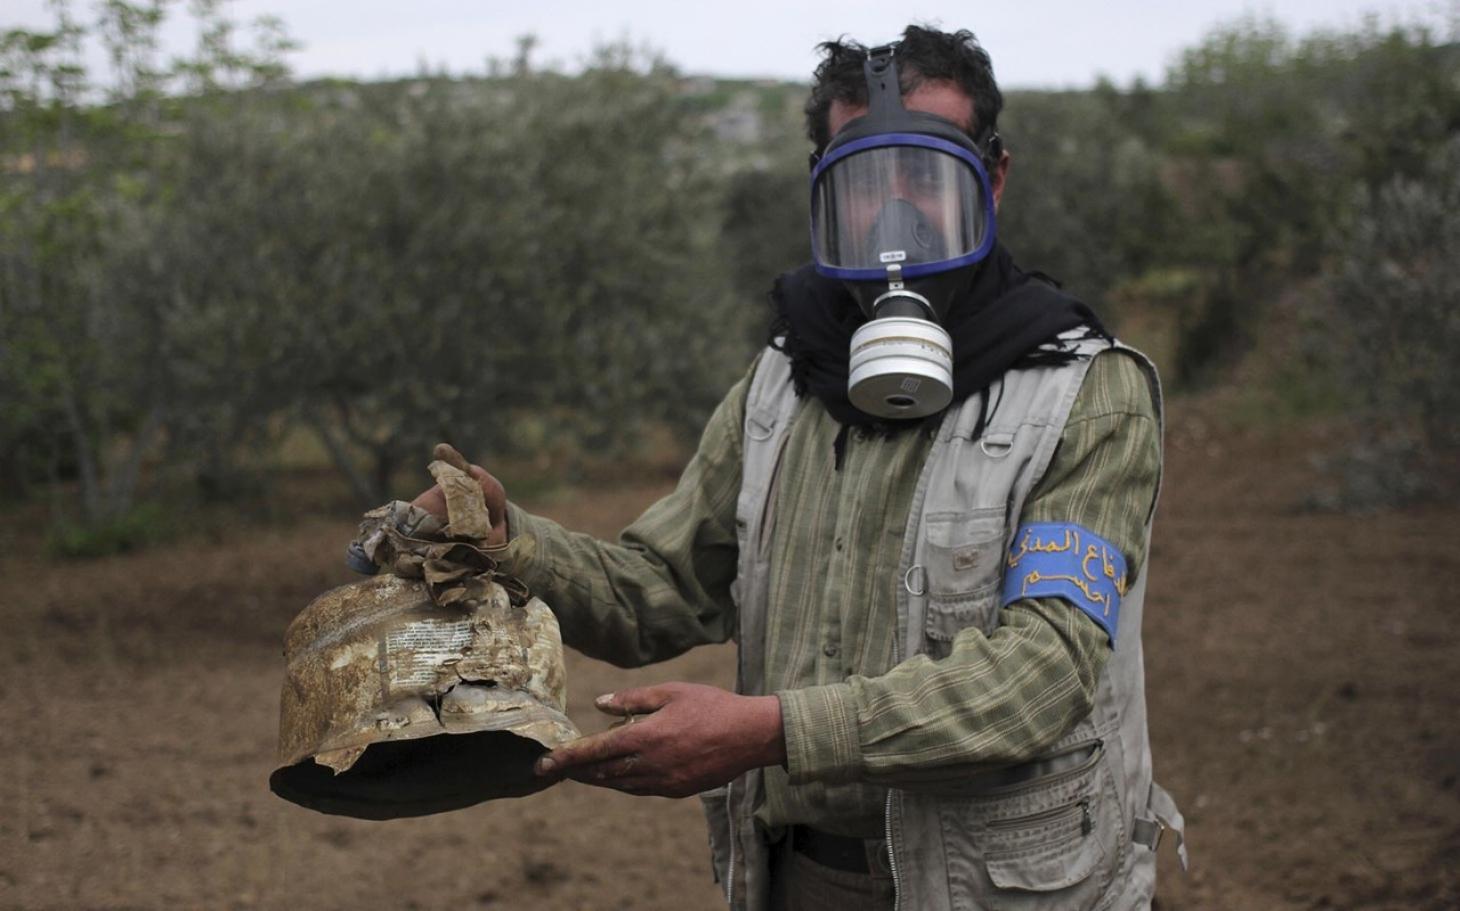 sarin gas attack